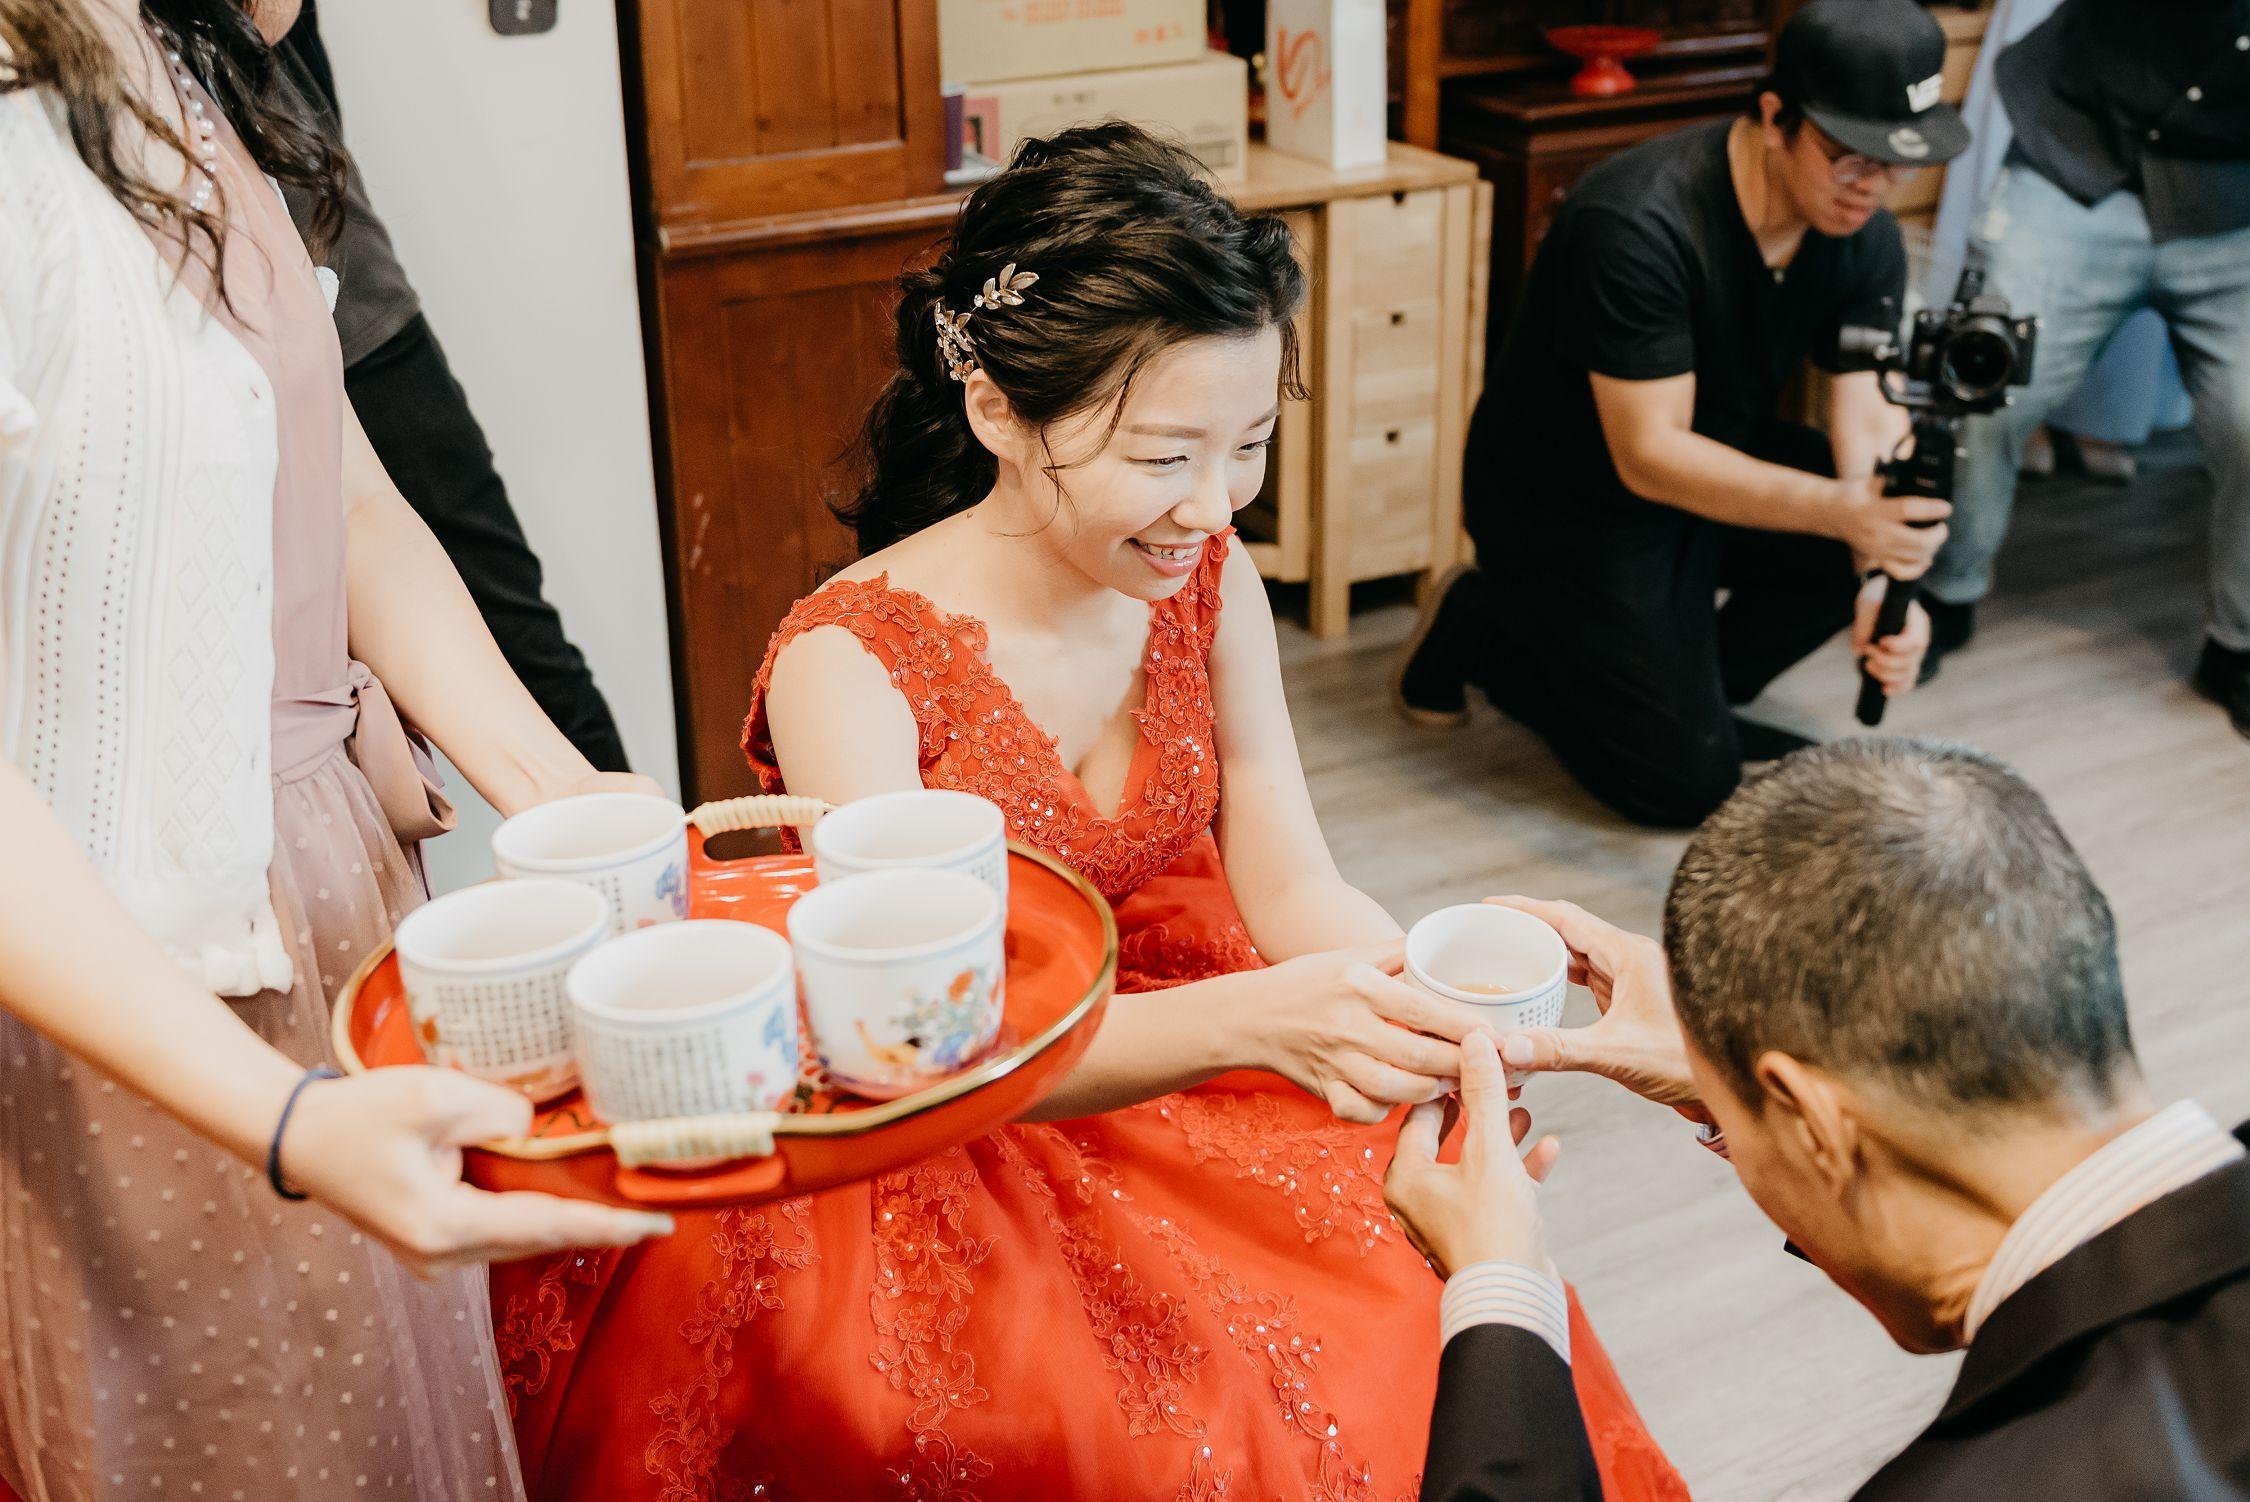 婚禮紀錄,婚攝,水源會館,雙機攝影,奉茶,闖關,儀式,白日夢工廠,婚錄,動態錄影,新娘物語推薦,ptt推薦,類婚紗,新秘,台北攝影師,